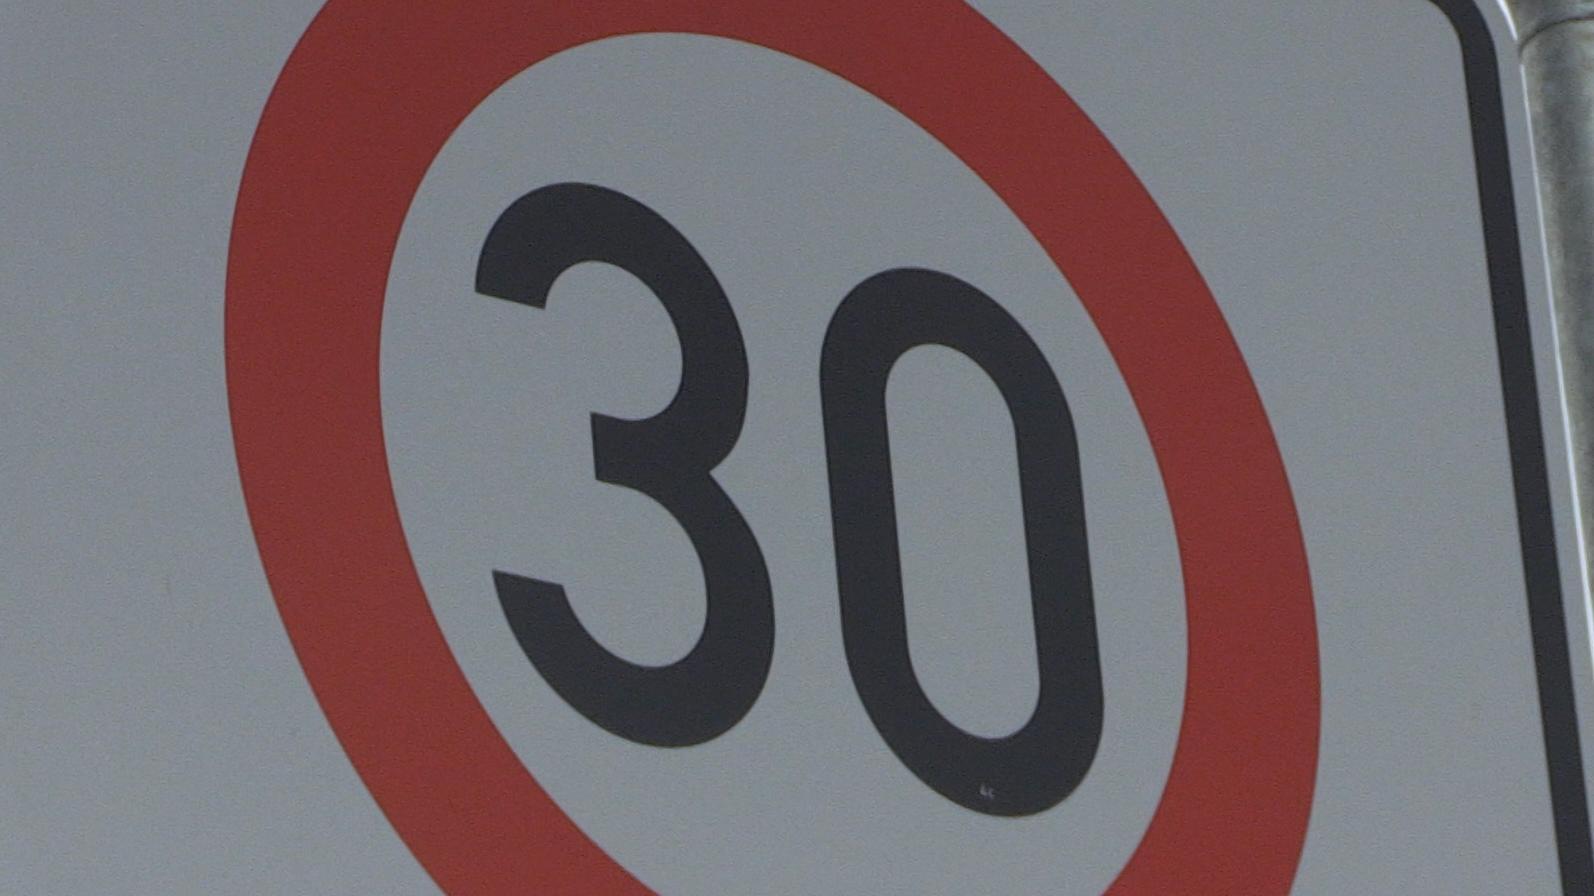 Der Entschleunigung hat man sich von offizieller Seite für Zwiesel verschrieben: Im gesamten Stadtgebiet soll Tempo 30 gelten - mit wenigen Ausnahmen. So ganz begeistert scheinen die Zwiesler aber nicht von dieser Idee ...